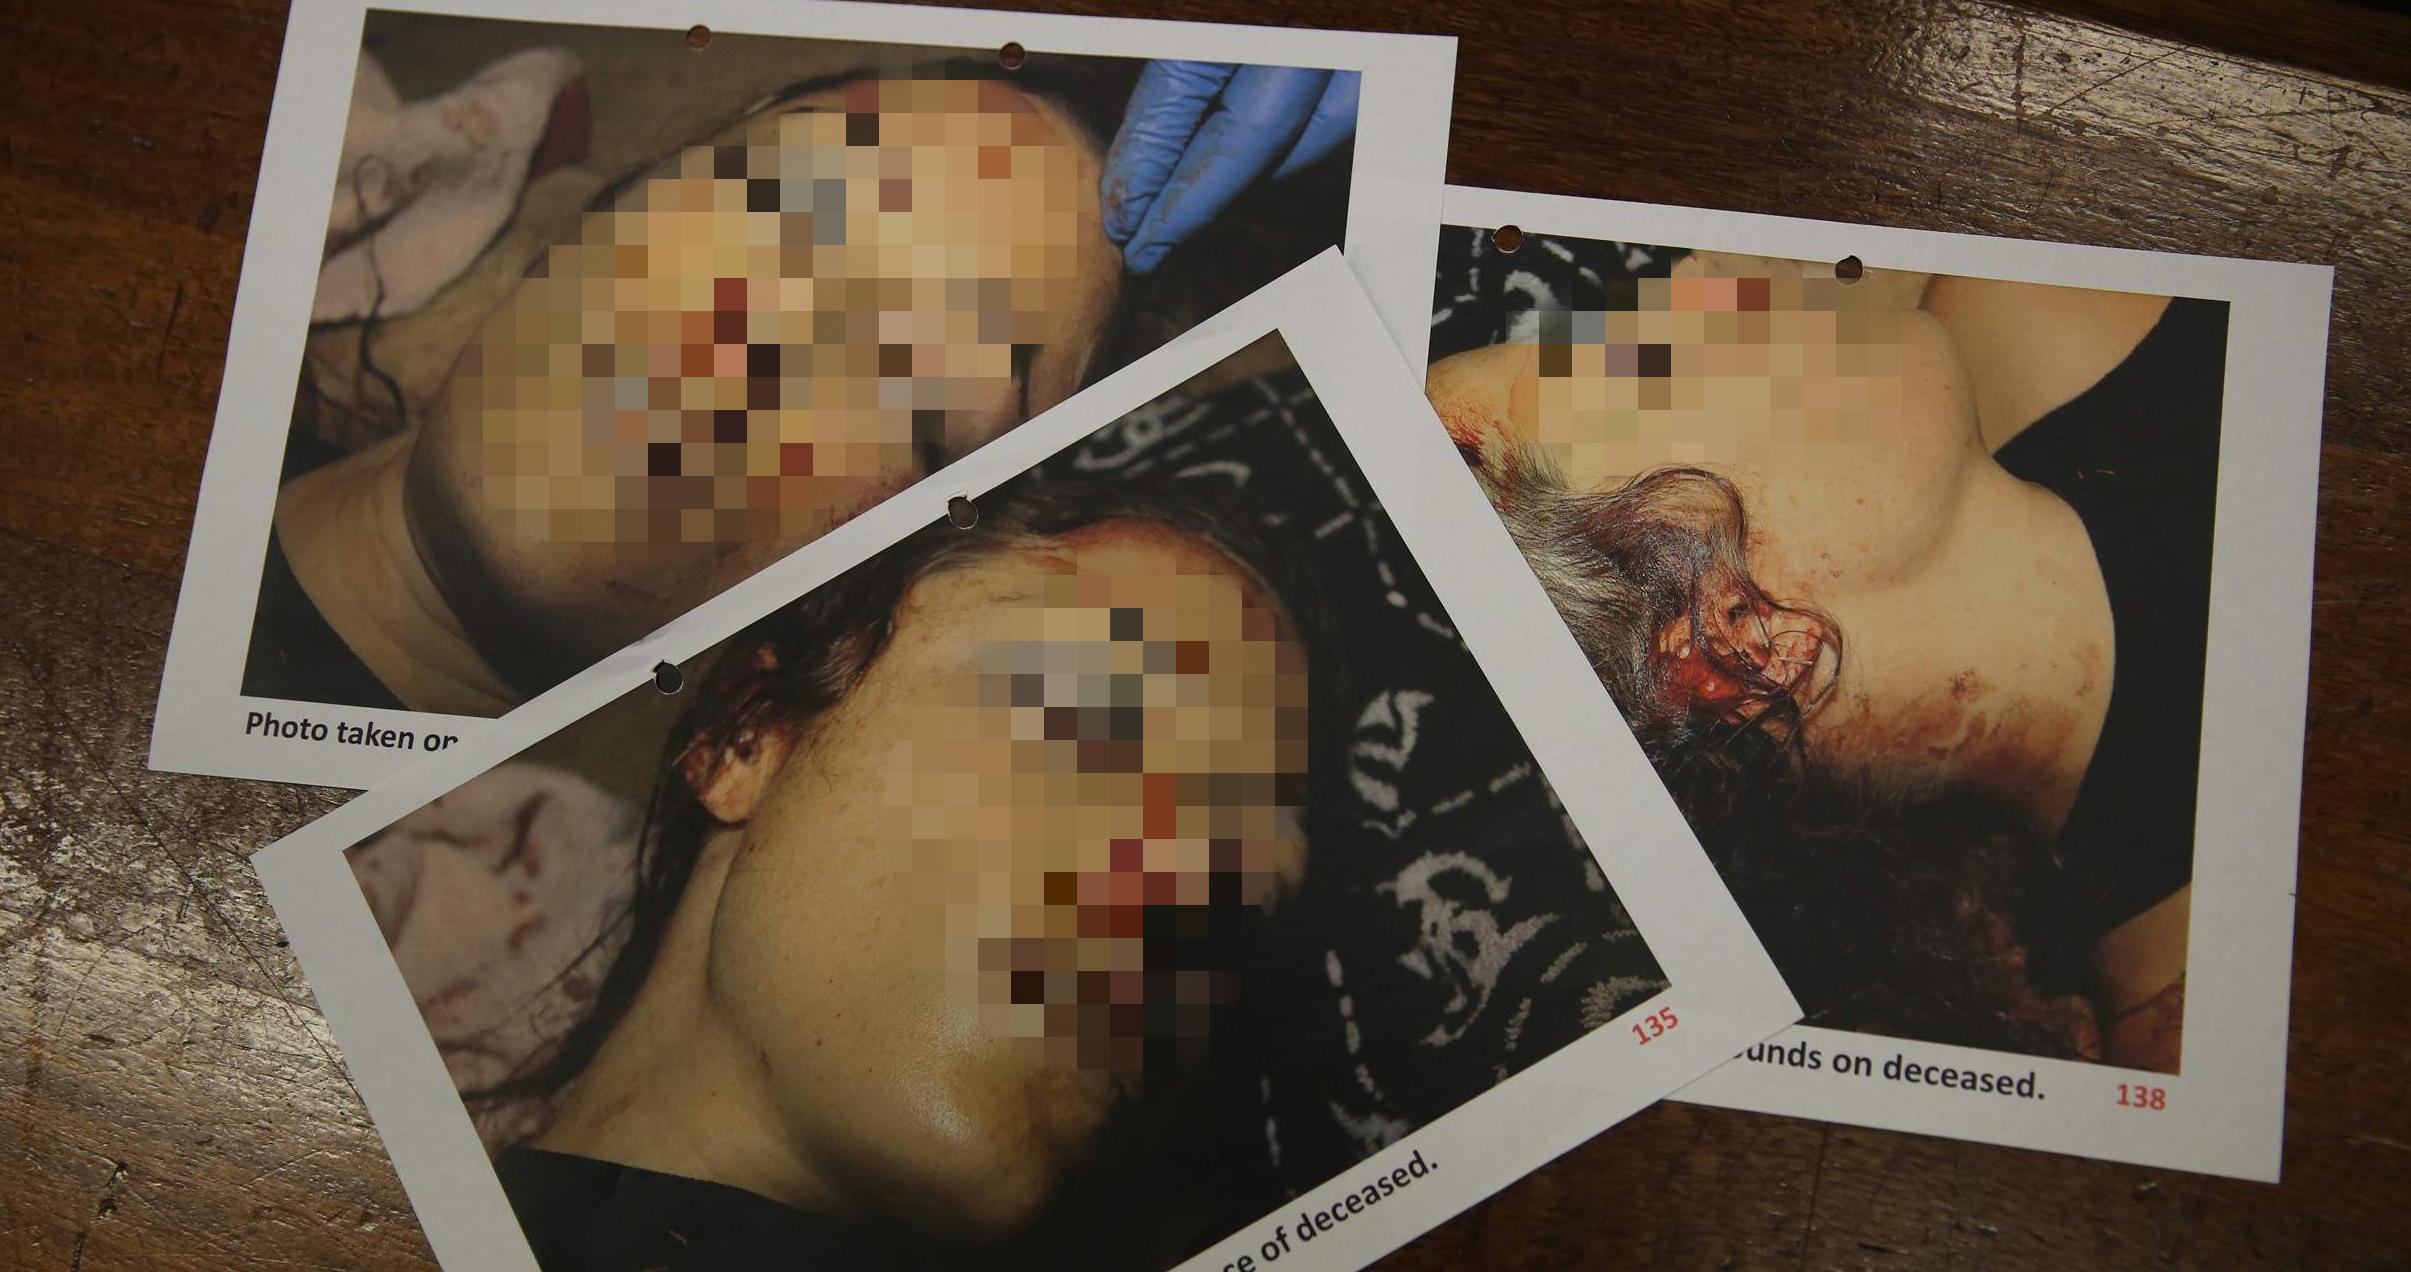 Death gore crime sex galleries